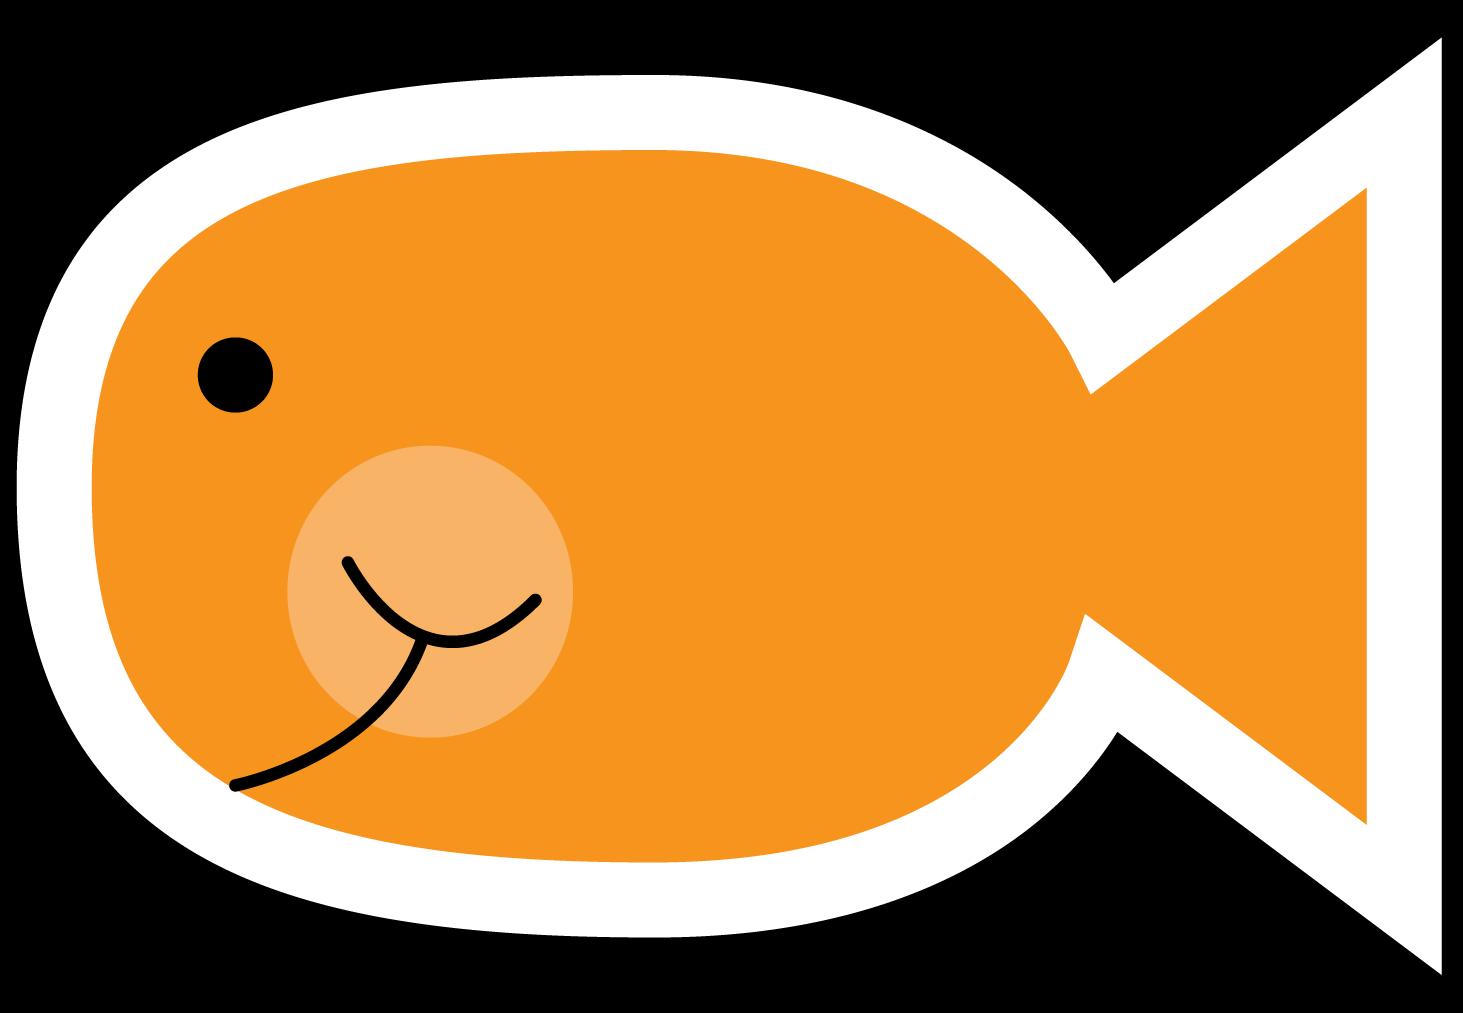 Circle clipart fish. O ally a new